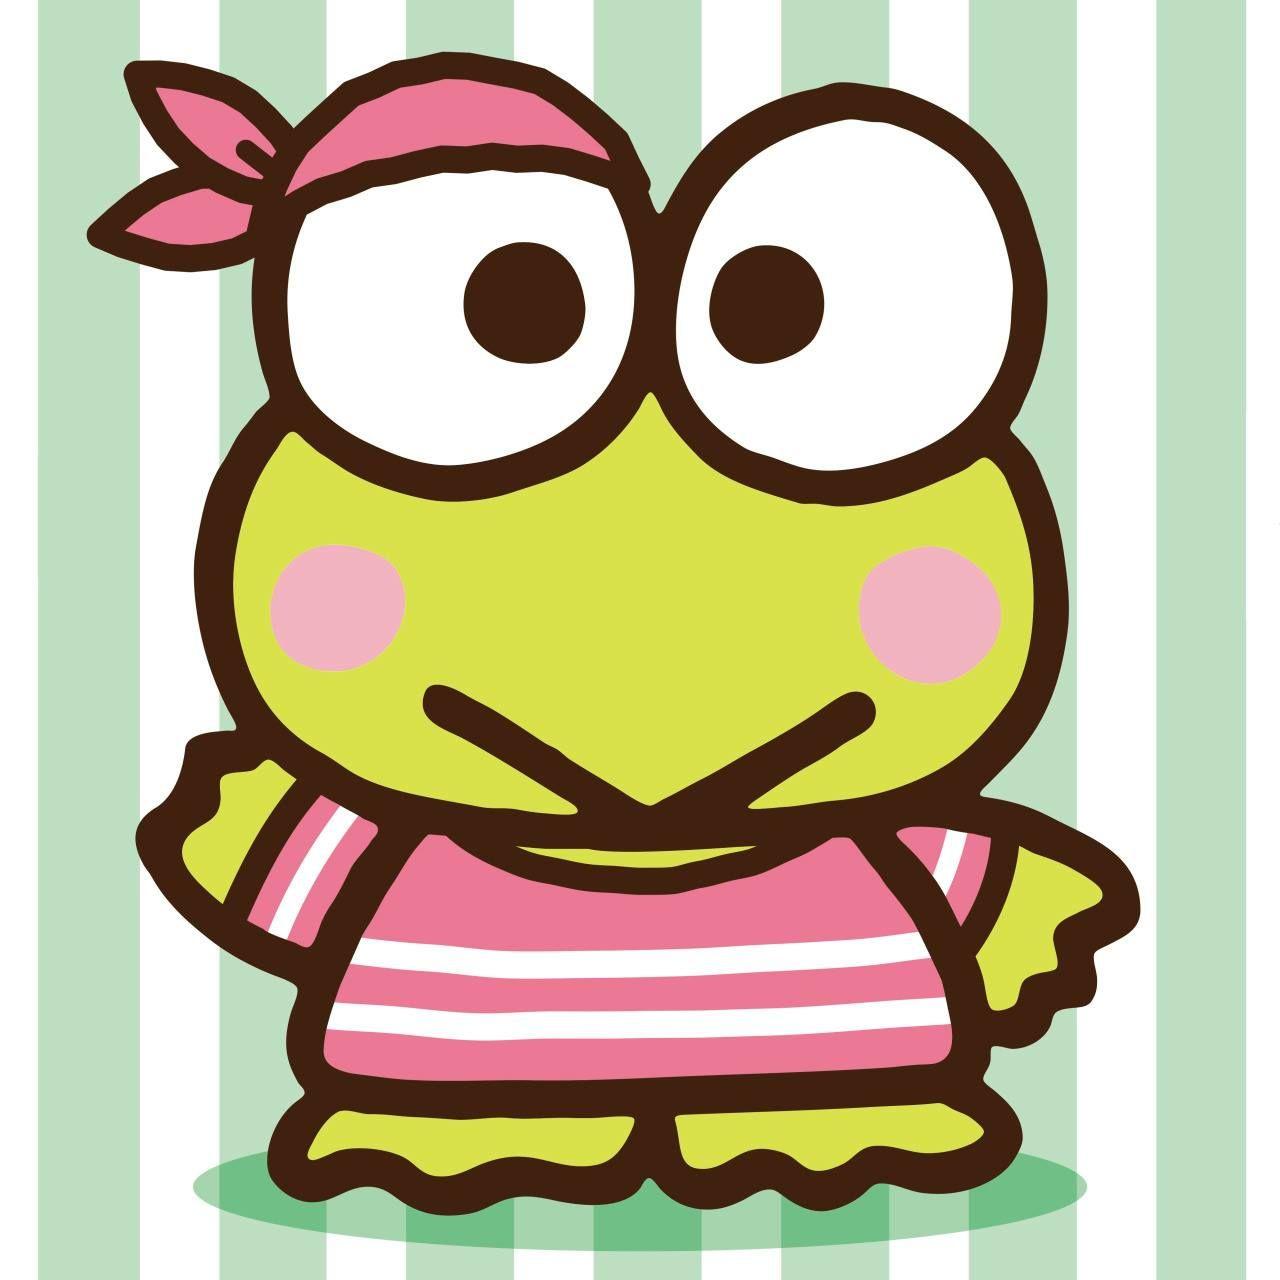 Beautiful Wallpaper Hello Kitty Panda - 0d1d2995af07282b187705d294d3bcbe  Image_1009633.jpg